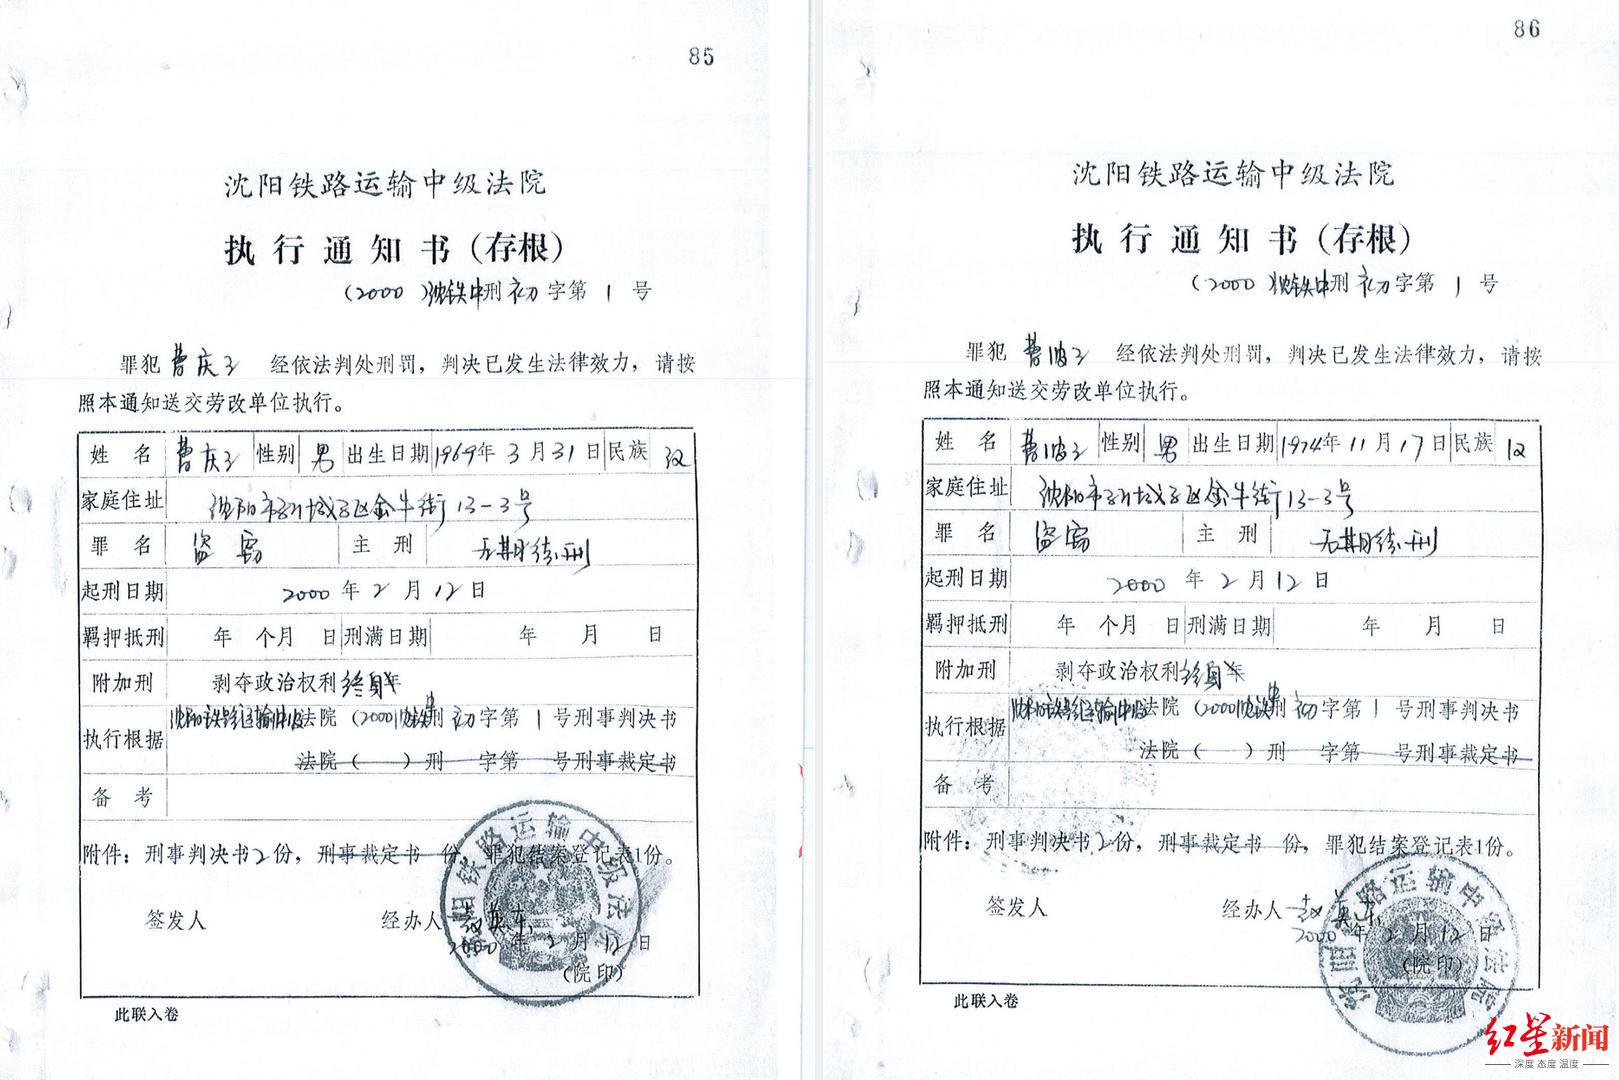 辽宁两兄弟被判无期出狱后仍喊冤 狱中疑遇真凶